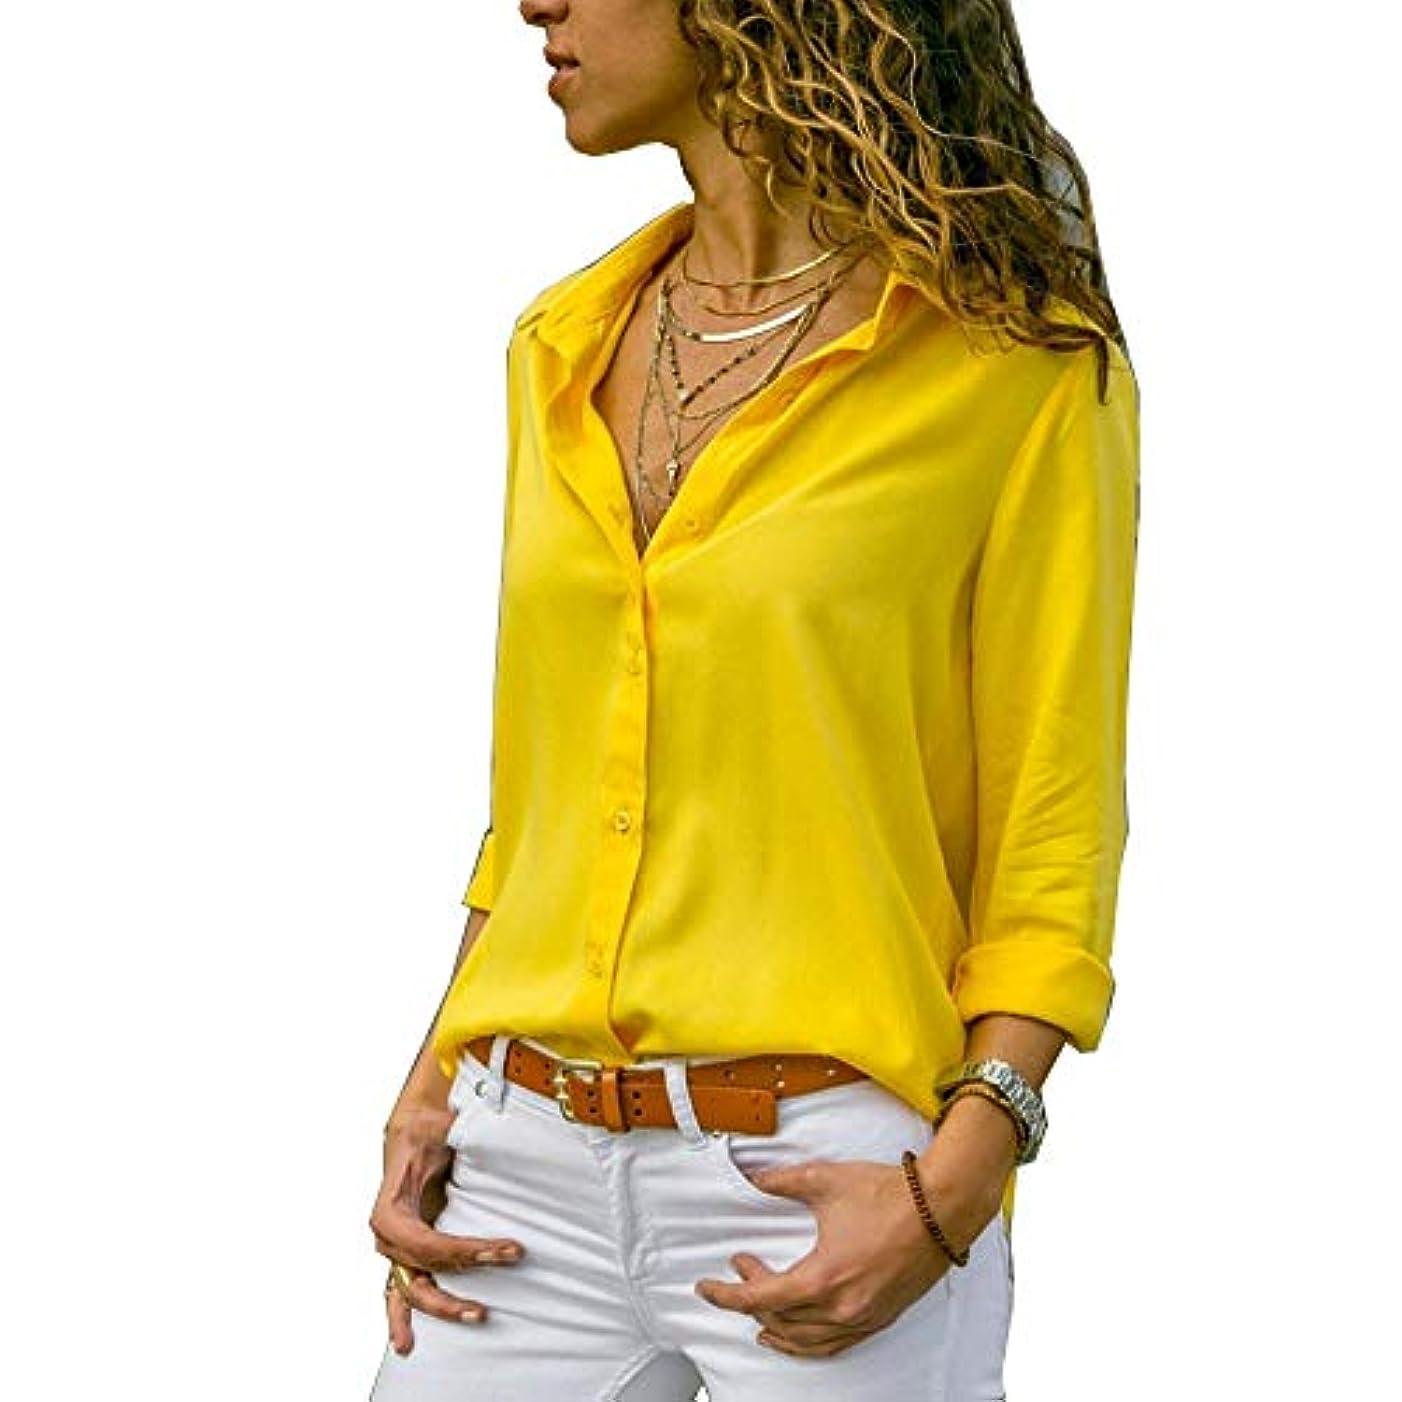 生む放棄ホイップMIFAN ルーズシャツ、トップス&Tシャツ、プラスサイズ、トップス&ブラウス、シフォンブラウス、女性トップス、シフォンシャツ